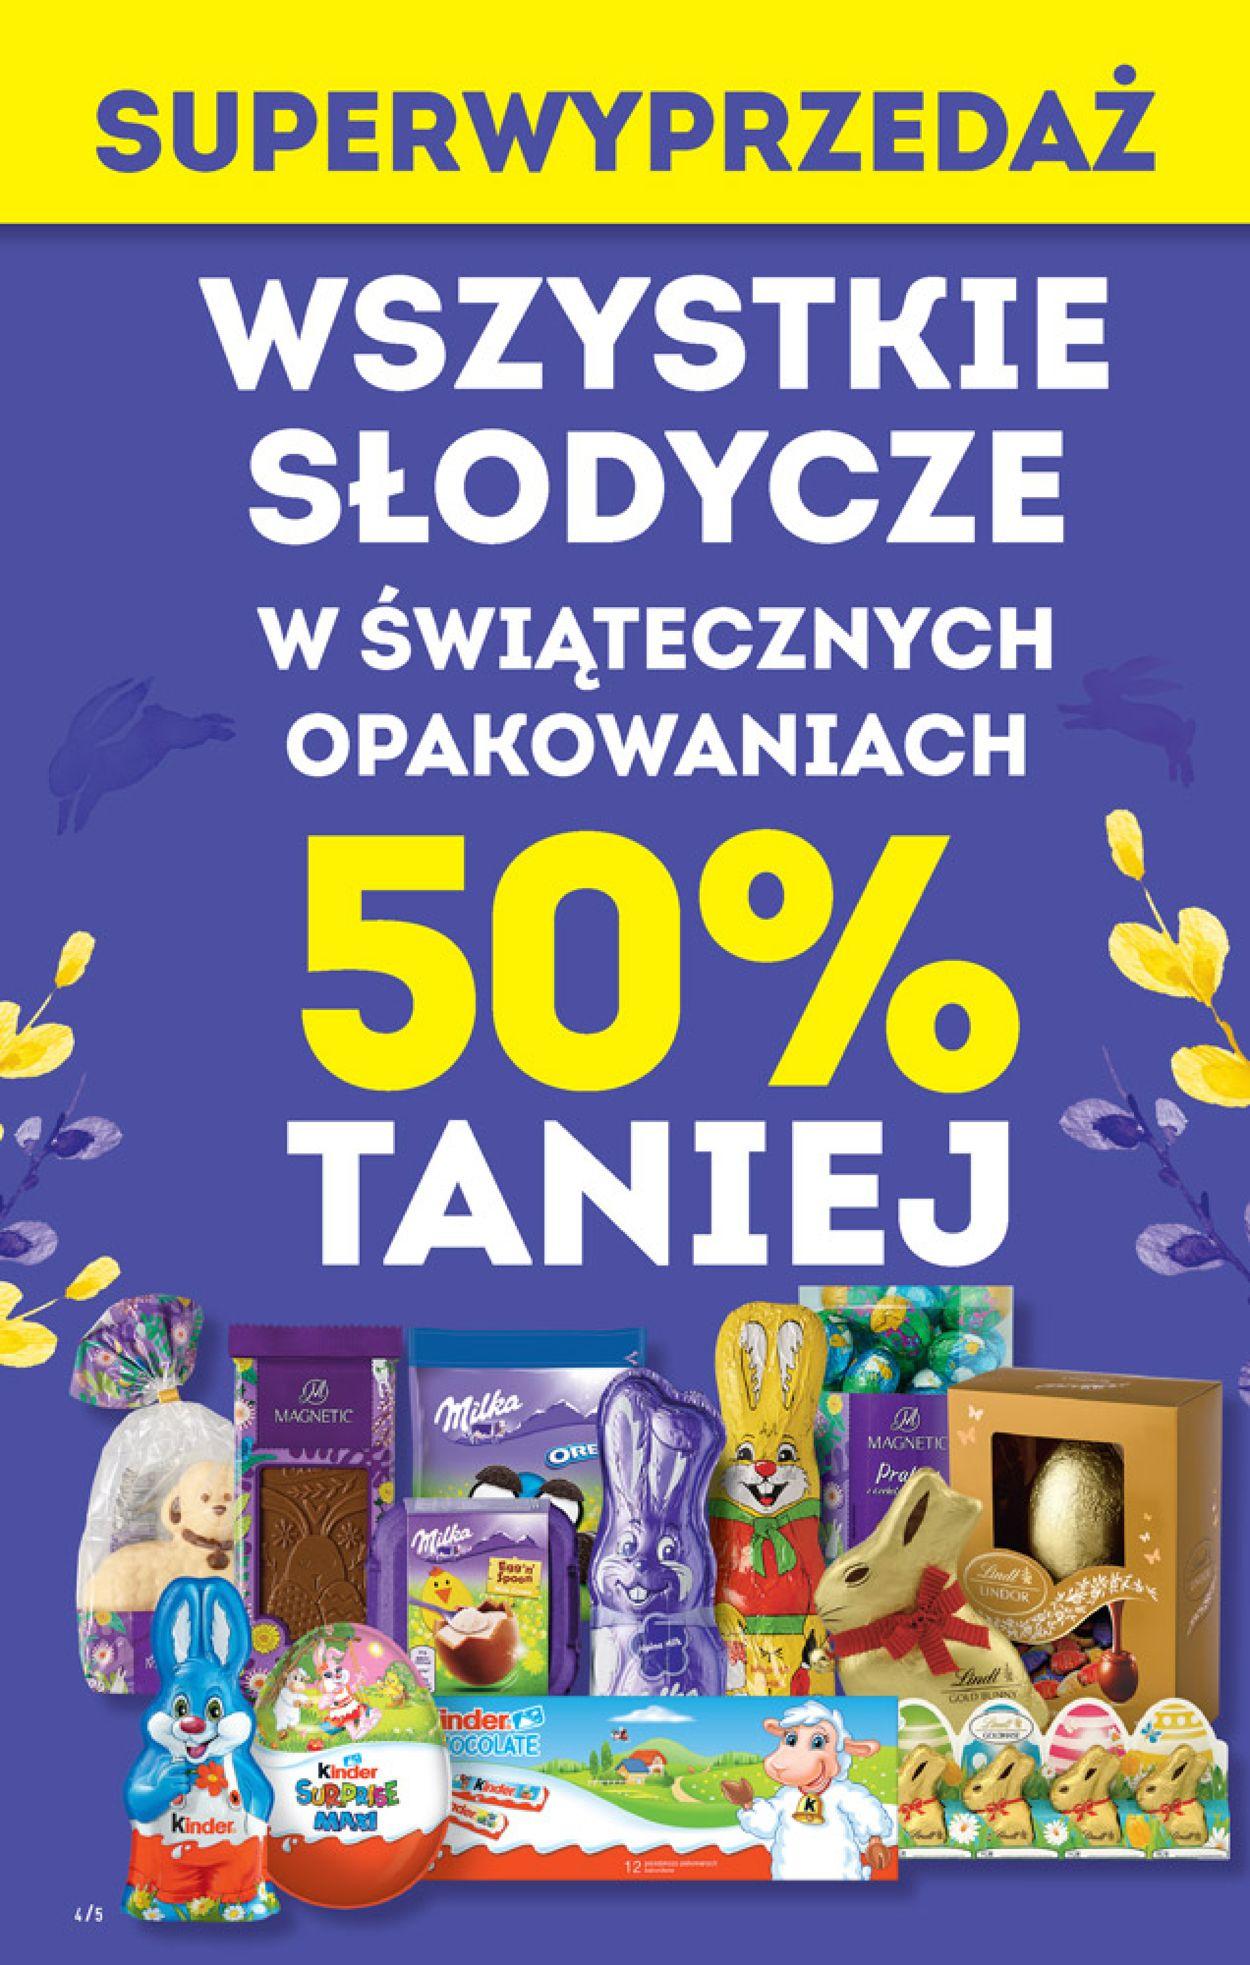 Gazetka promocyjna Biedronka - 14.04-18.04.2020 (Strona 4)